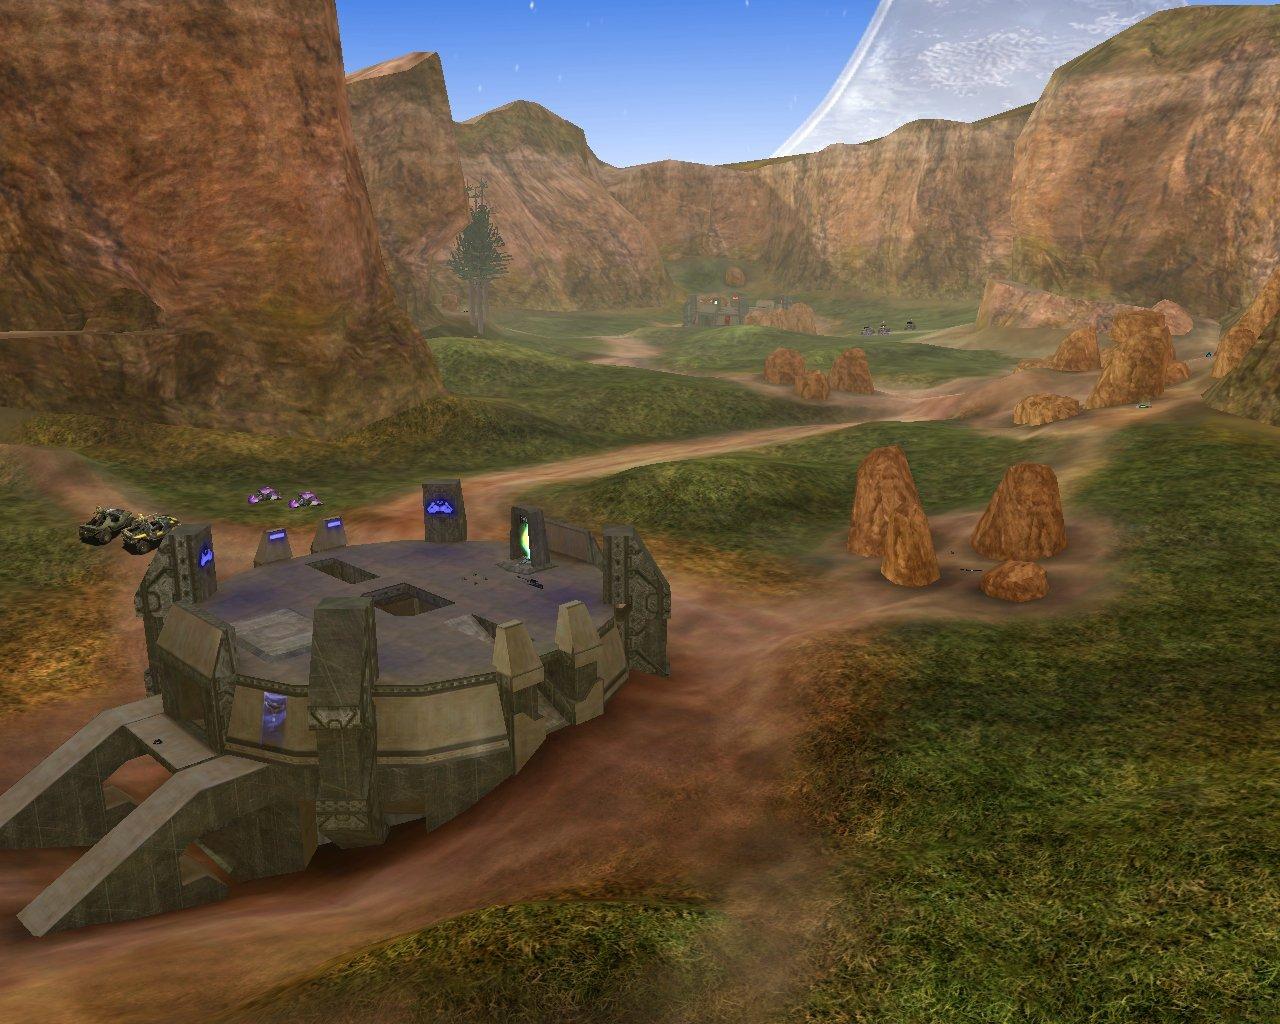 Modo de jogo de Fortnite em mapa clássico de Halo